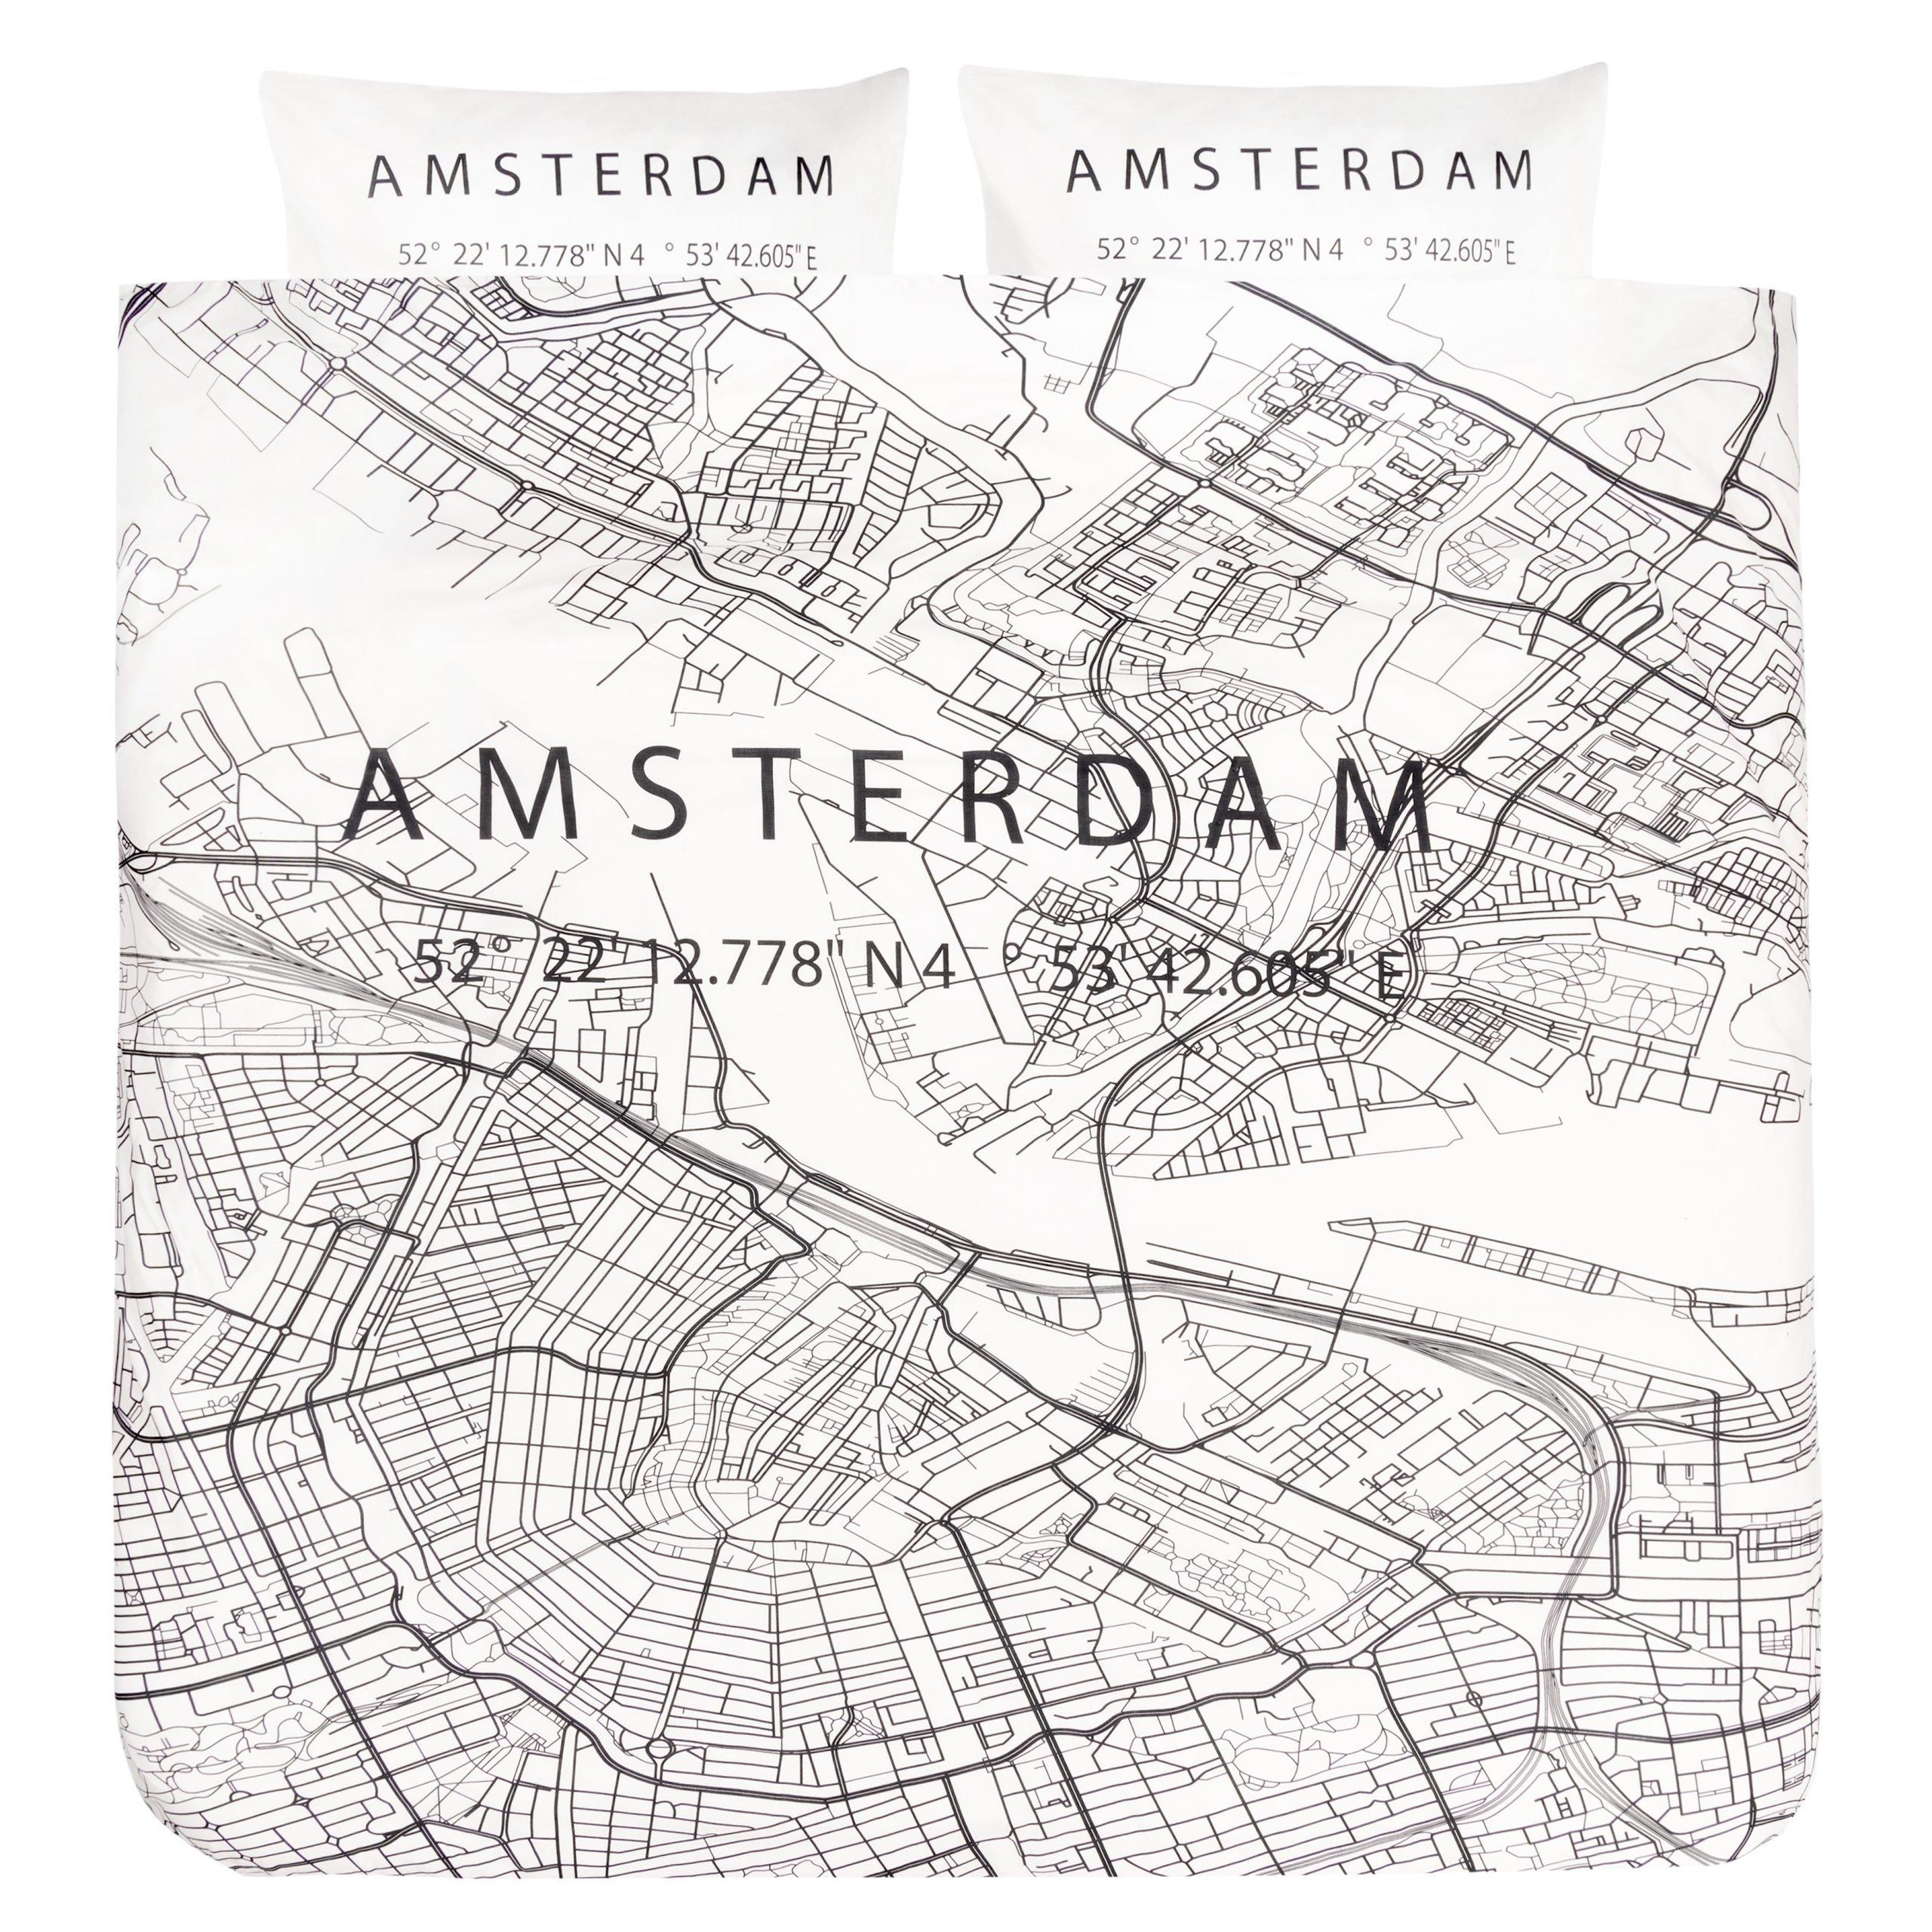 Dekbedovertrek 2-persoons BINK city DBO Amsterdam 200x200/240 + sloop 2x 60x70 met een print/stadsplattegrond van Amsterdam in zwart wit.